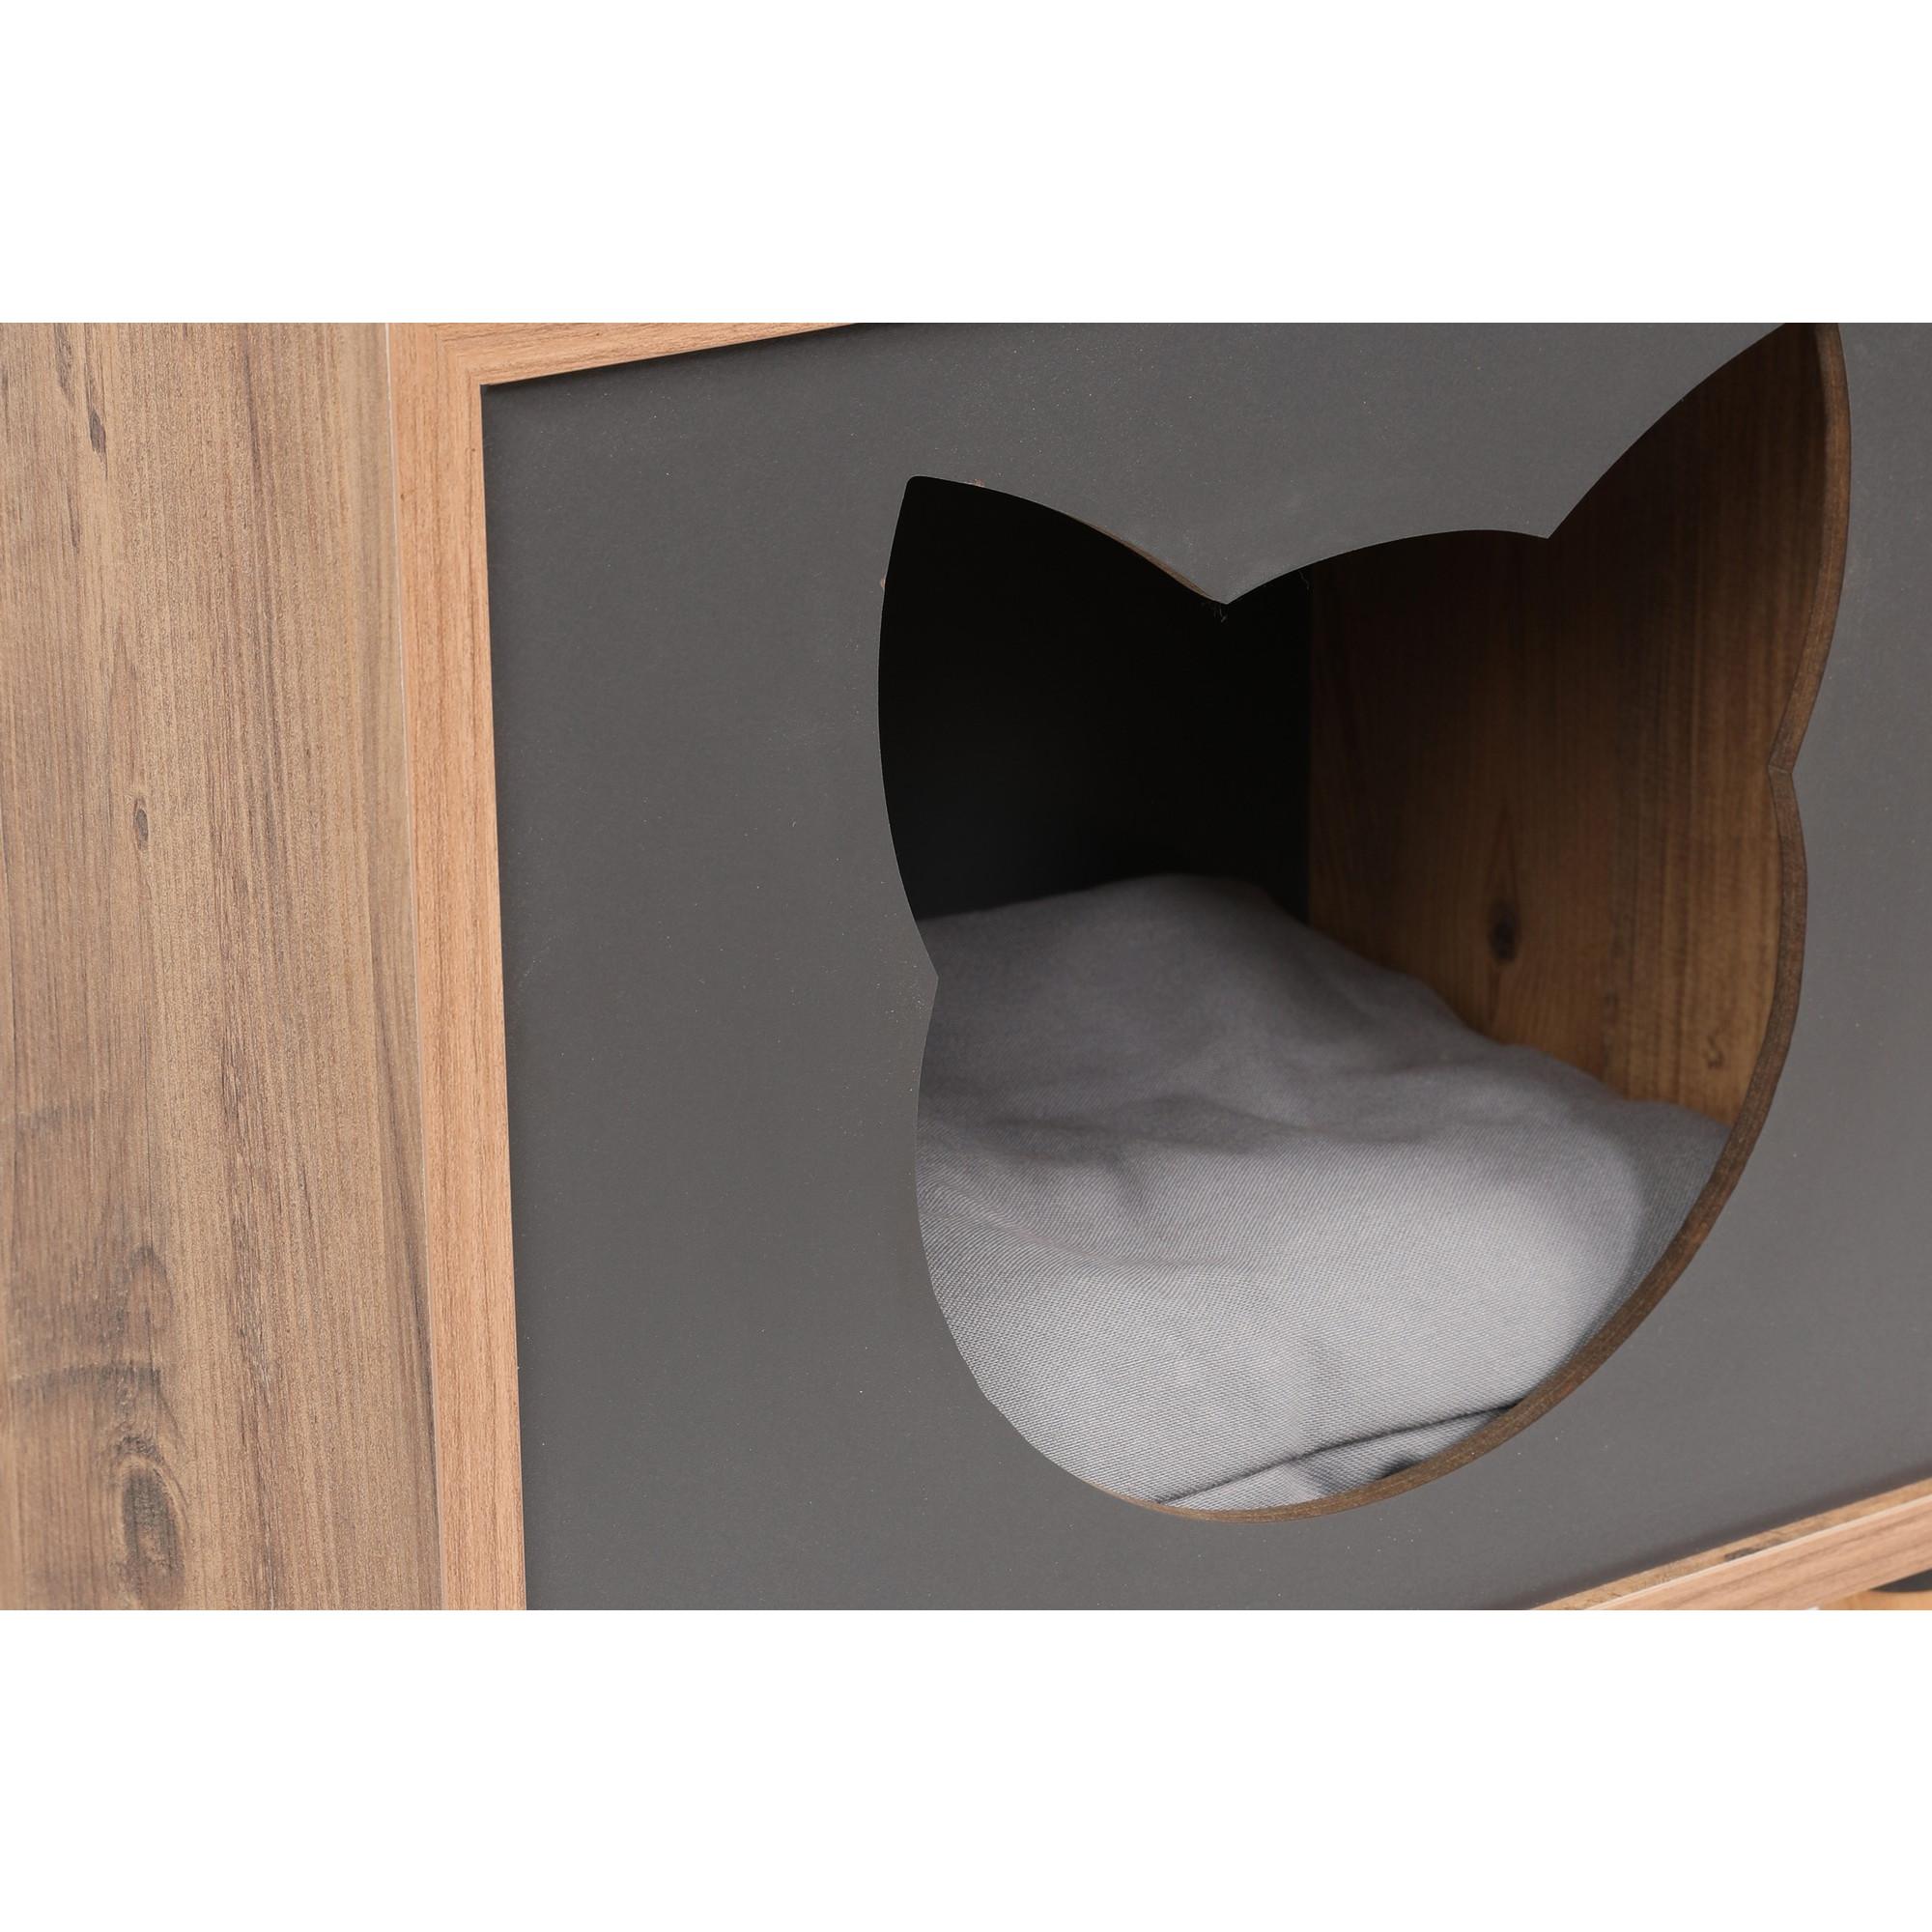 Katzenhaus Kasten | Anthrazit/Fichtenholz